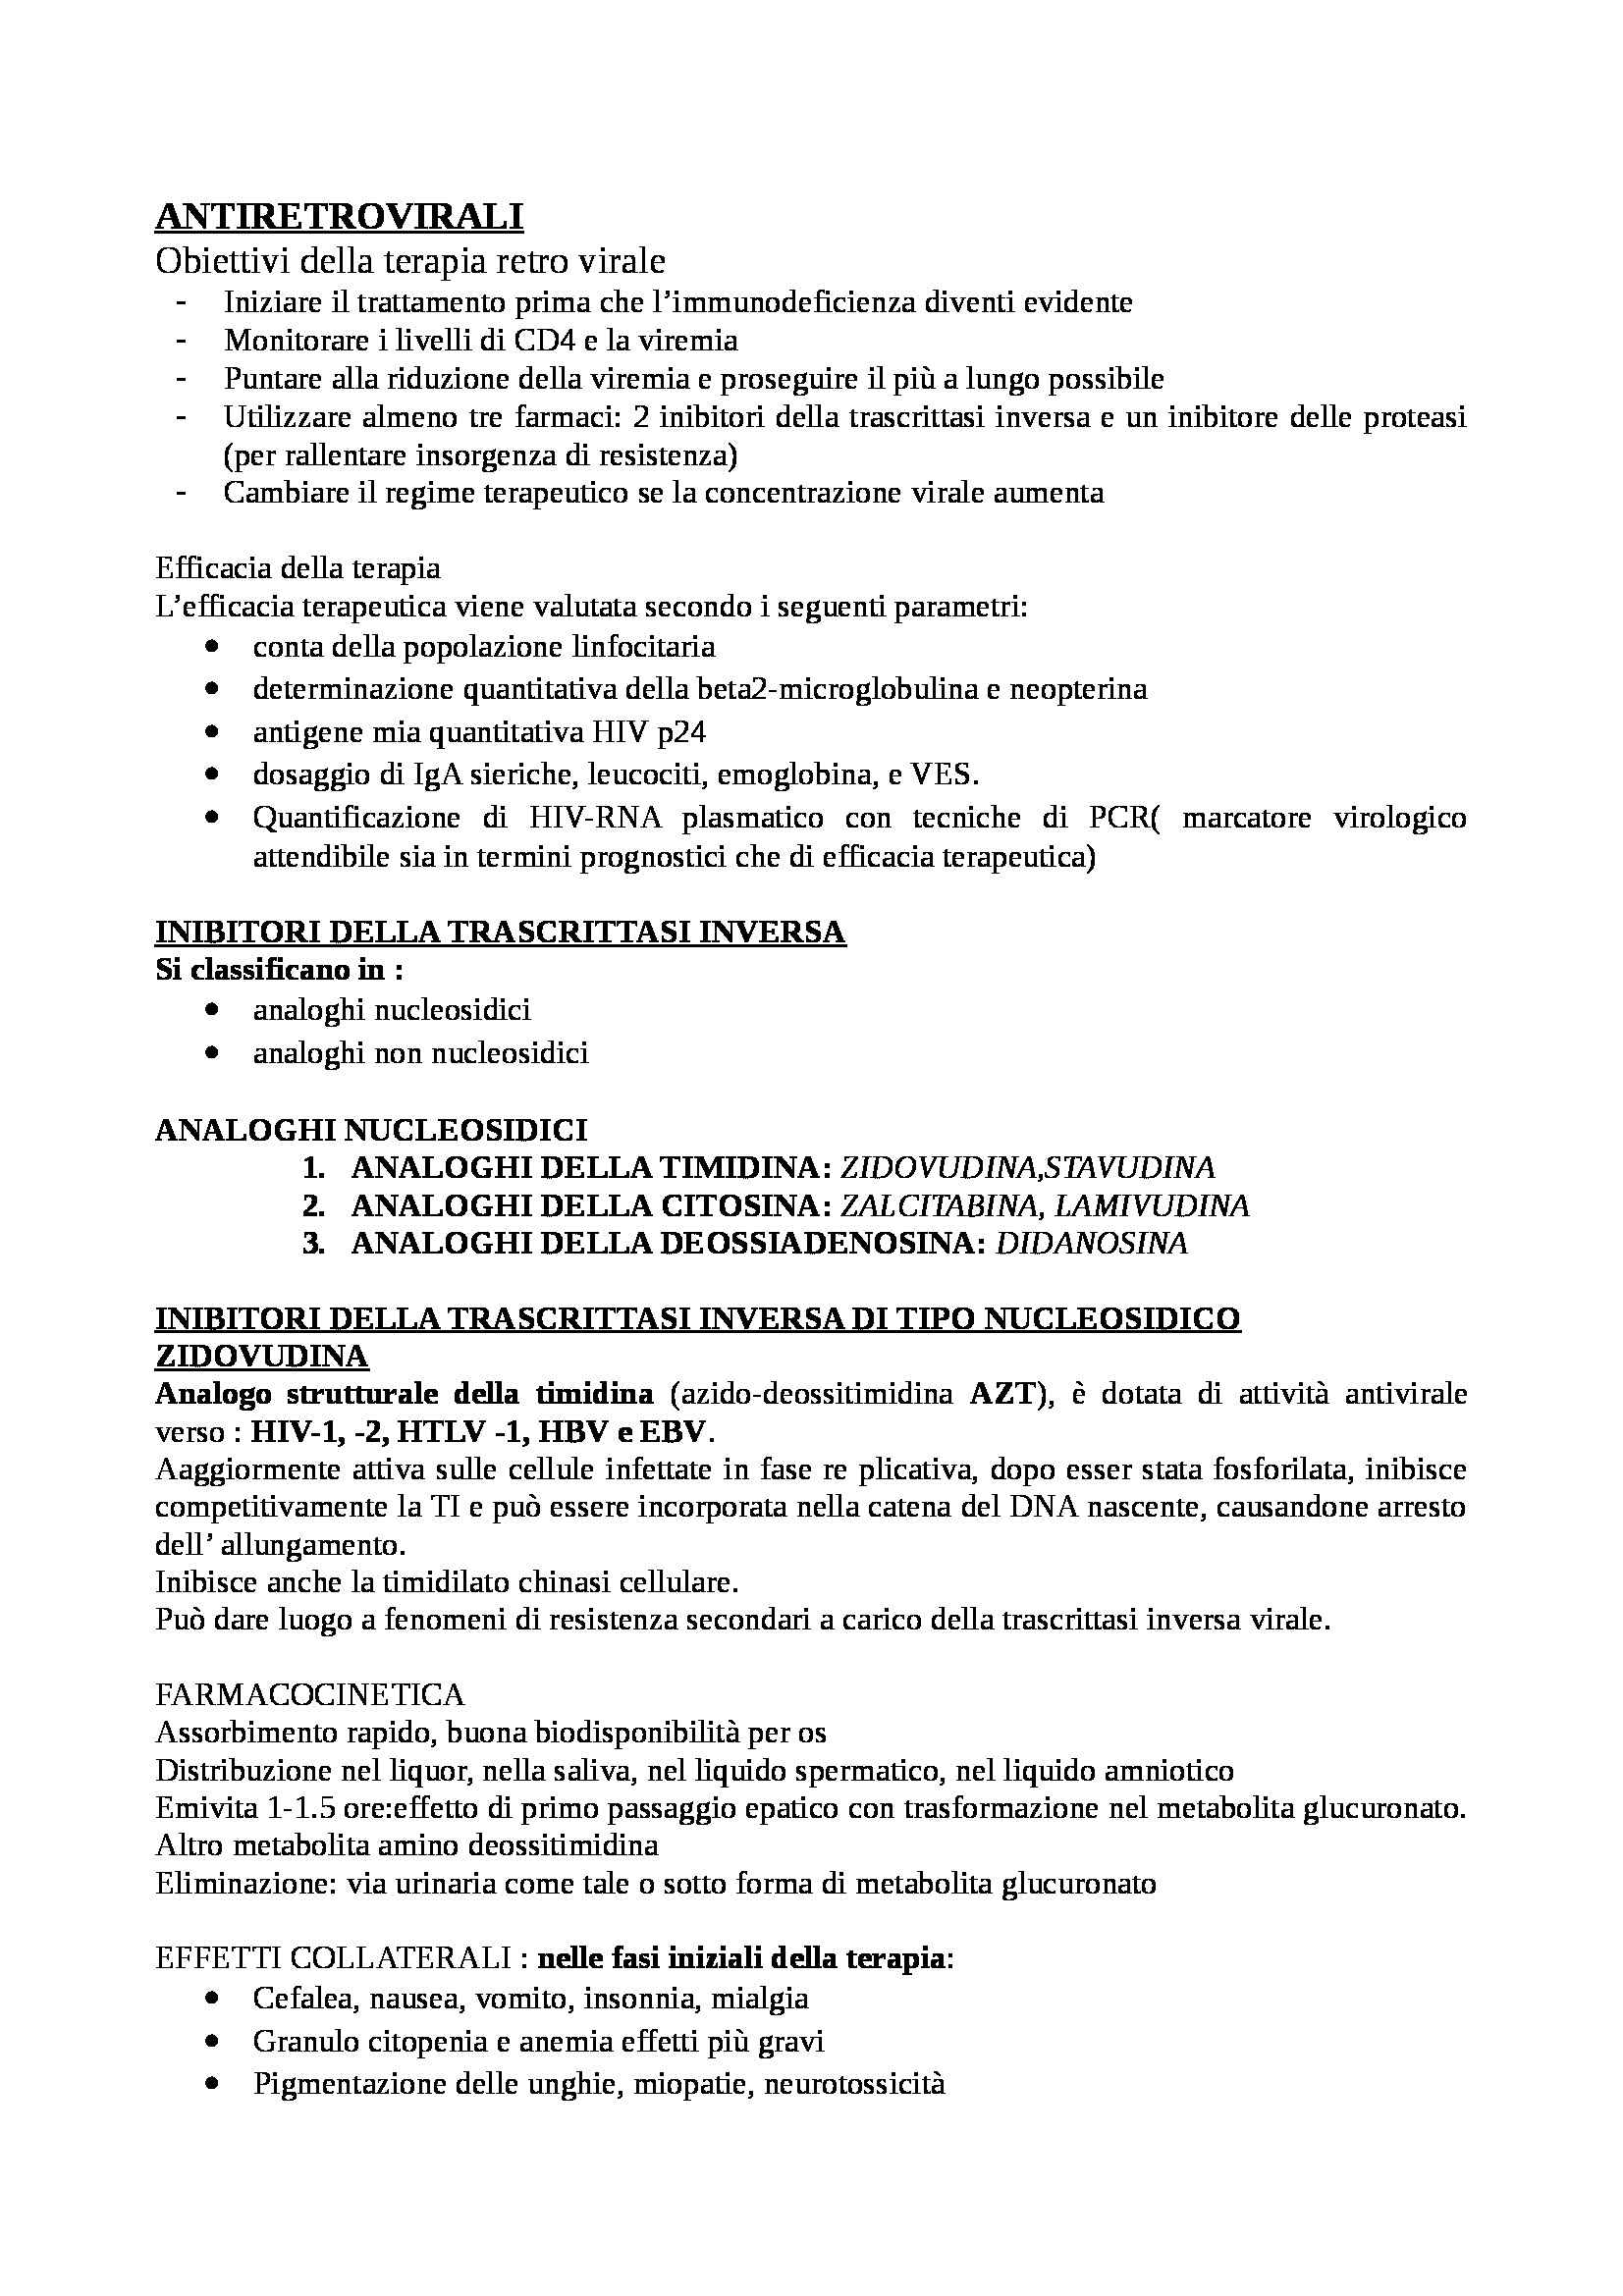 Farmacologia - schema antiretrovirali